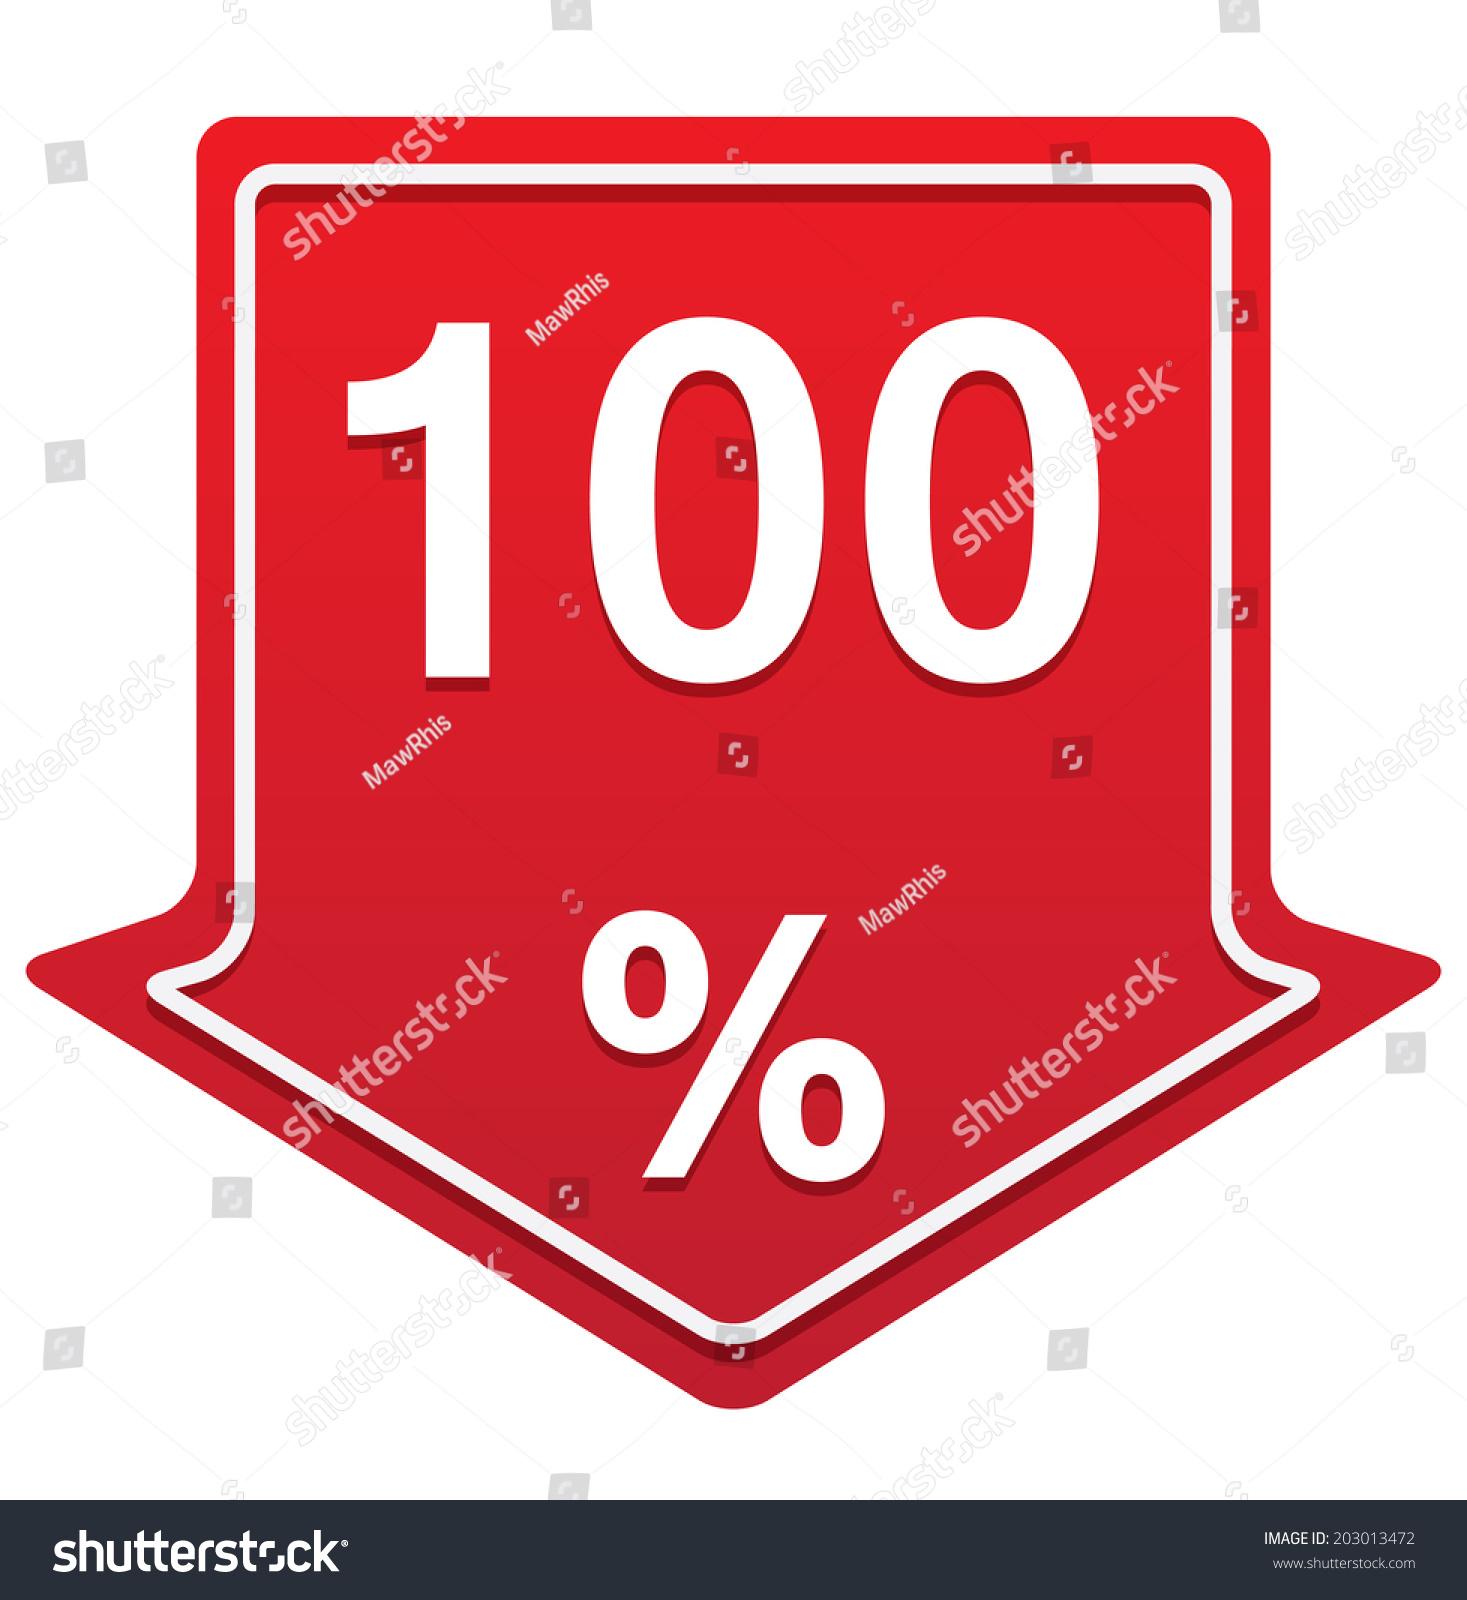 红色的折扣价格标签矢量插图与箭头和数字-符号/标志